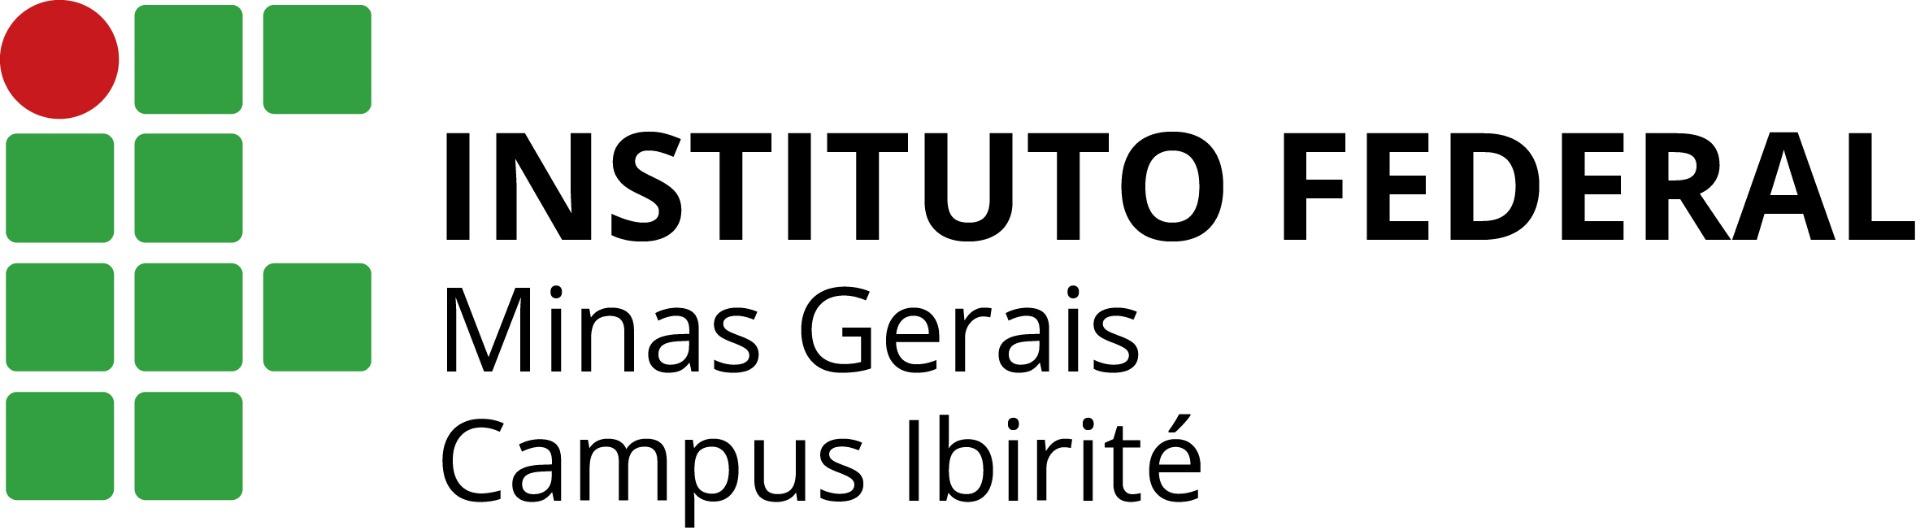 IFMG_Ibirité_Horizontal RGB.jpg